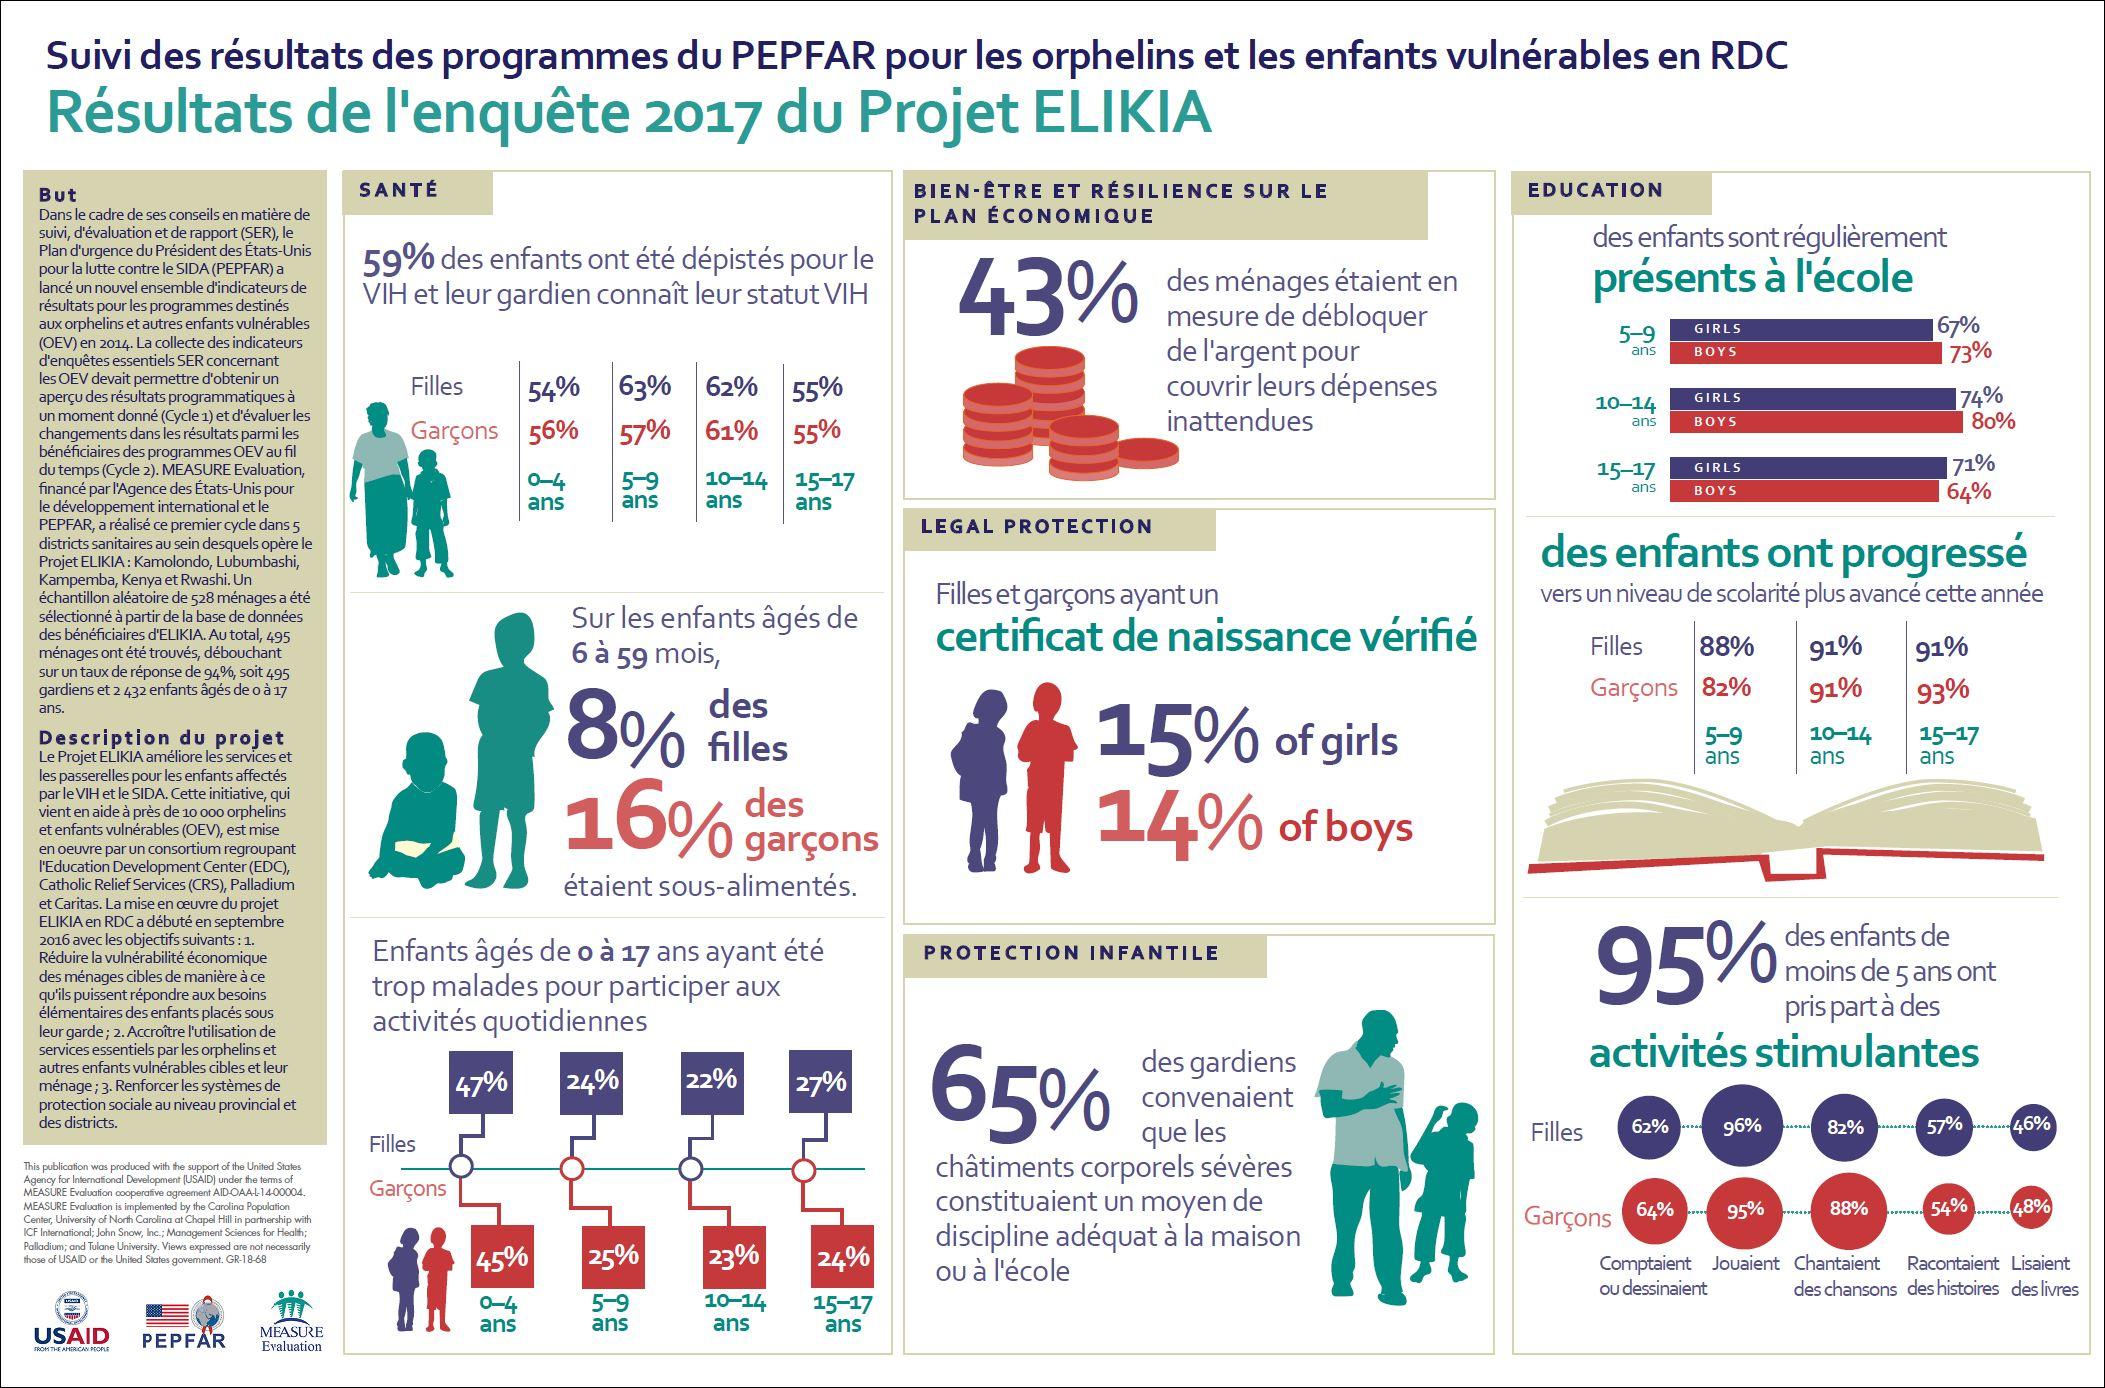 Suivi des rsultats des programmes du PEPFAR pour les orphelins et les enfants vulnrables en RDC Rsultats de l'enqute 2017 du Projet ELIKIA